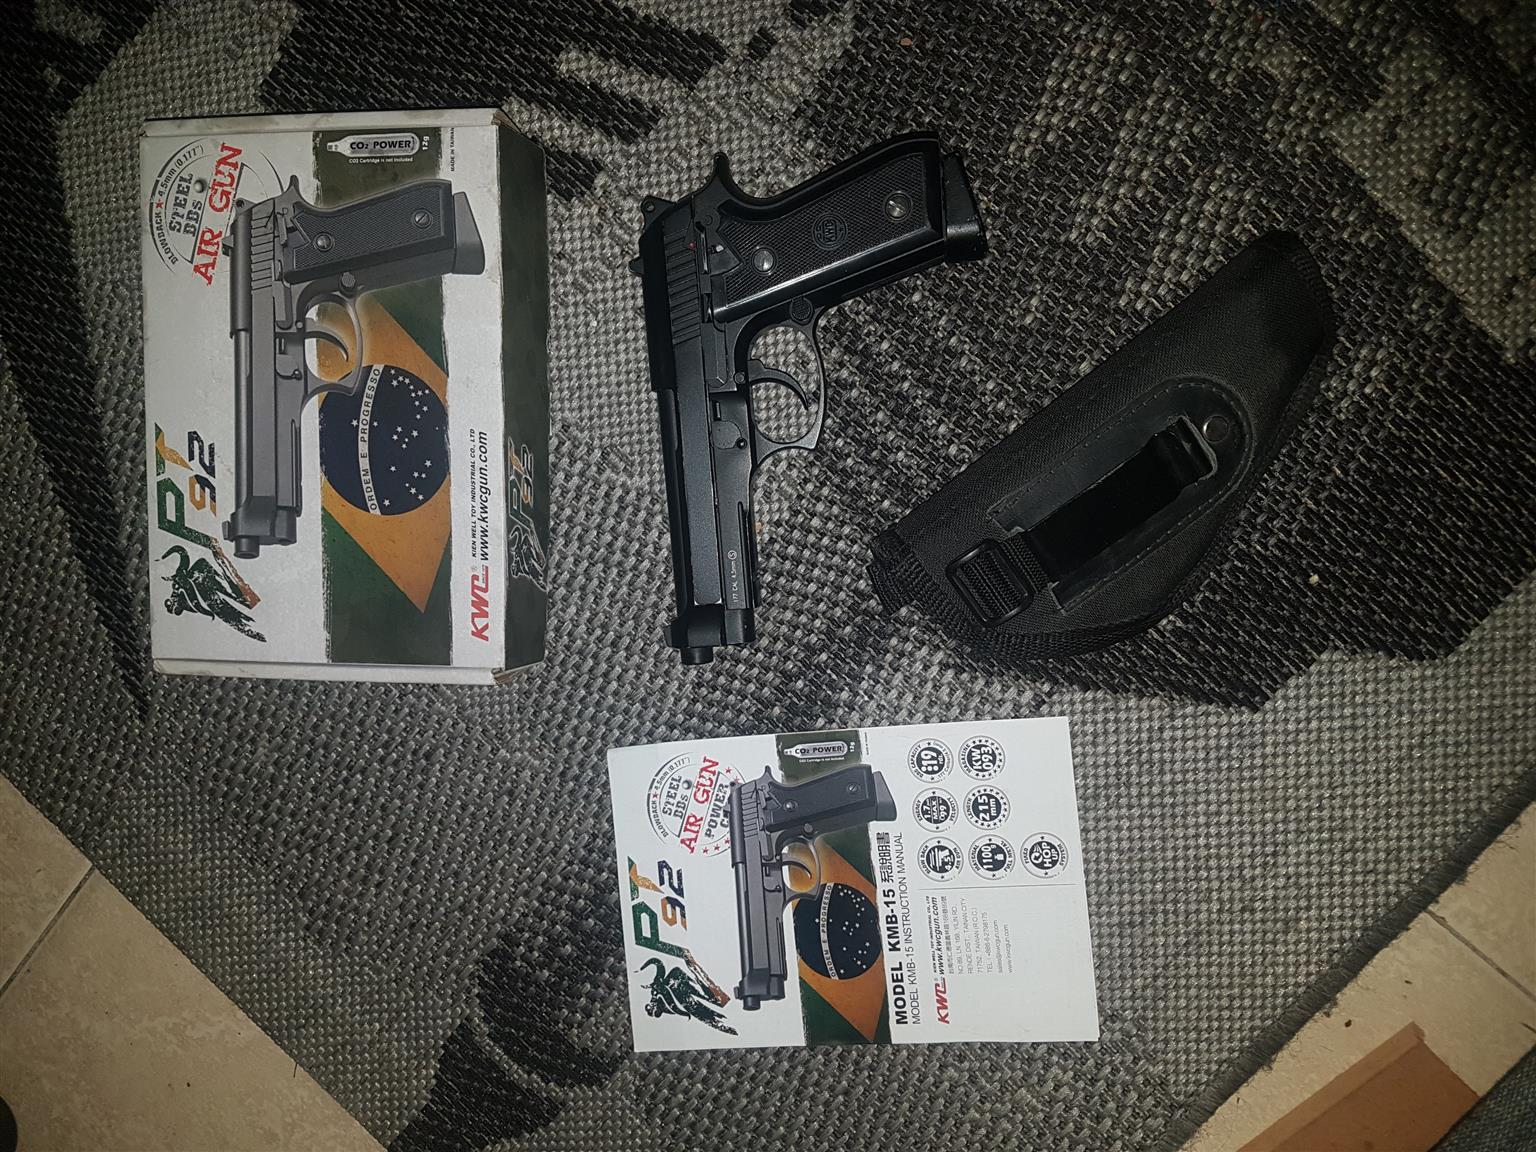 PT92 Beretta Co2 Hand Gun